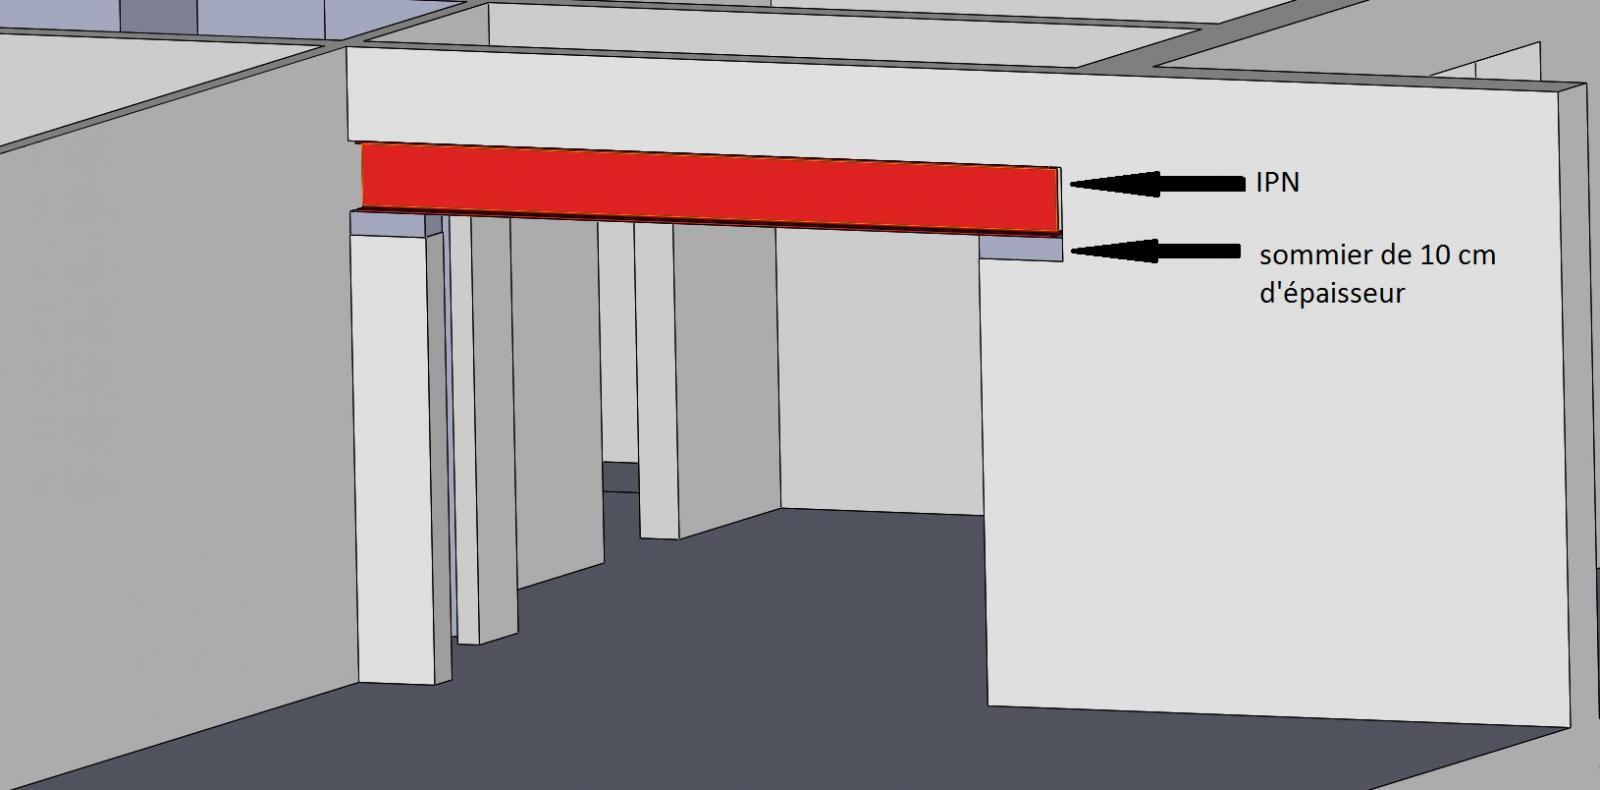 ouverture de deux mur porteur conseiller moi svp. Black Bedroom Furniture Sets. Home Design Ideas